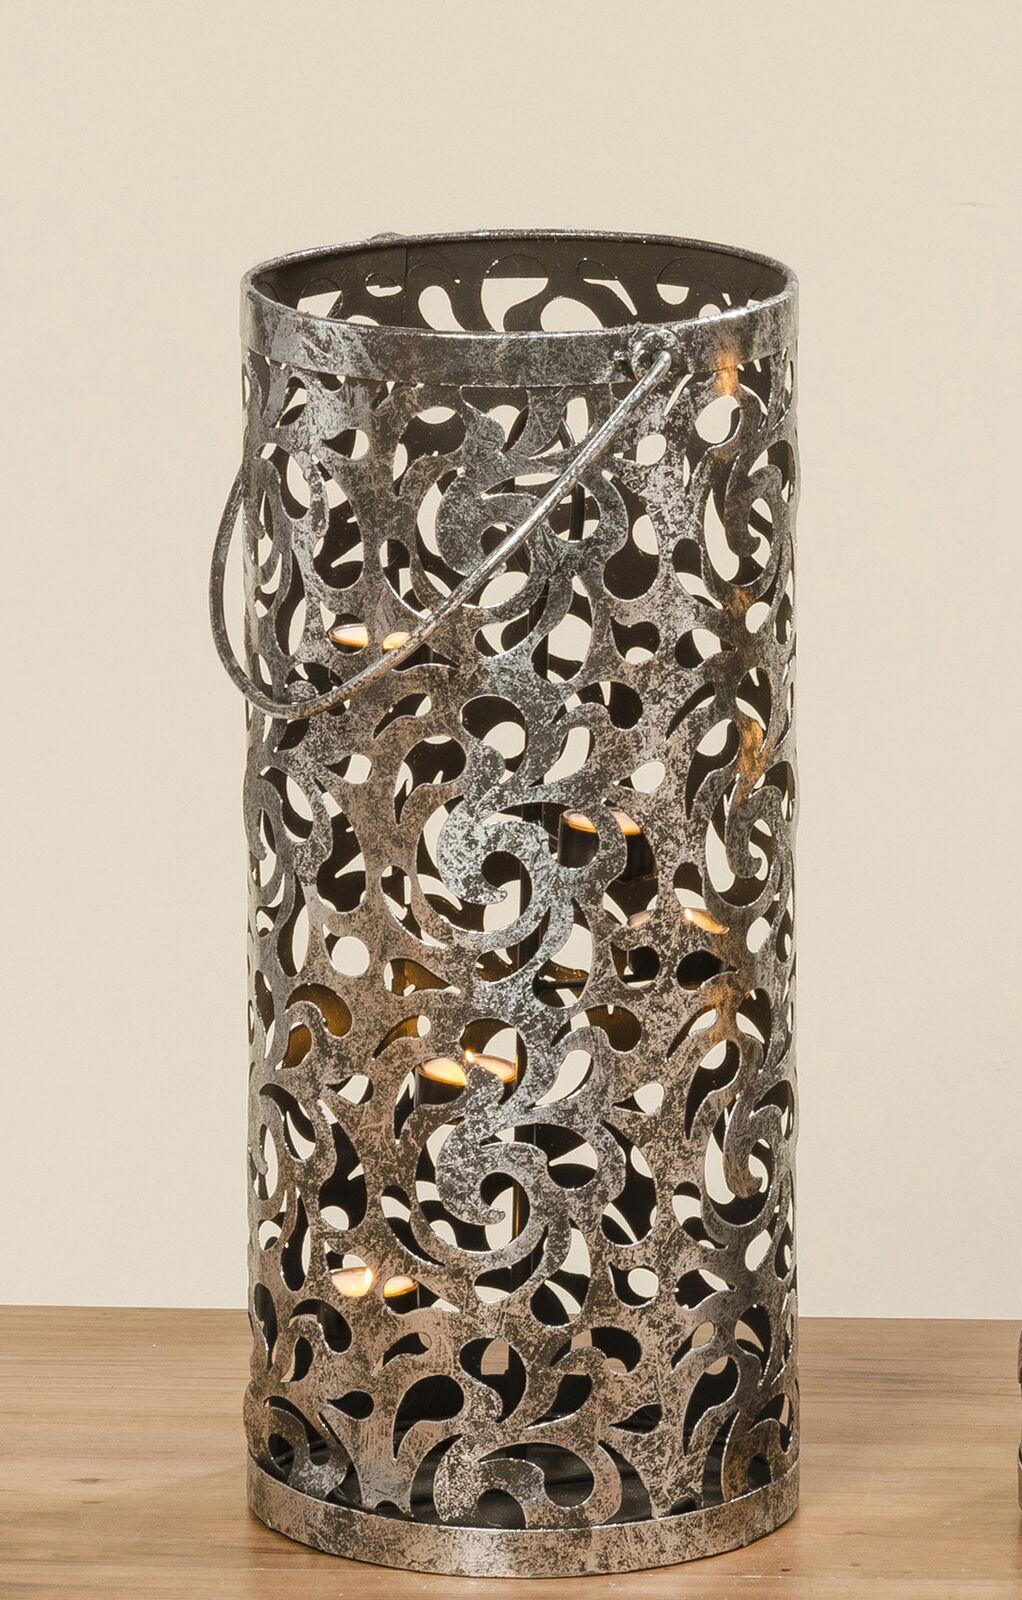 Viento luz farol cahaja 50 cm plata diseño antiguo patrón floral metal henkel